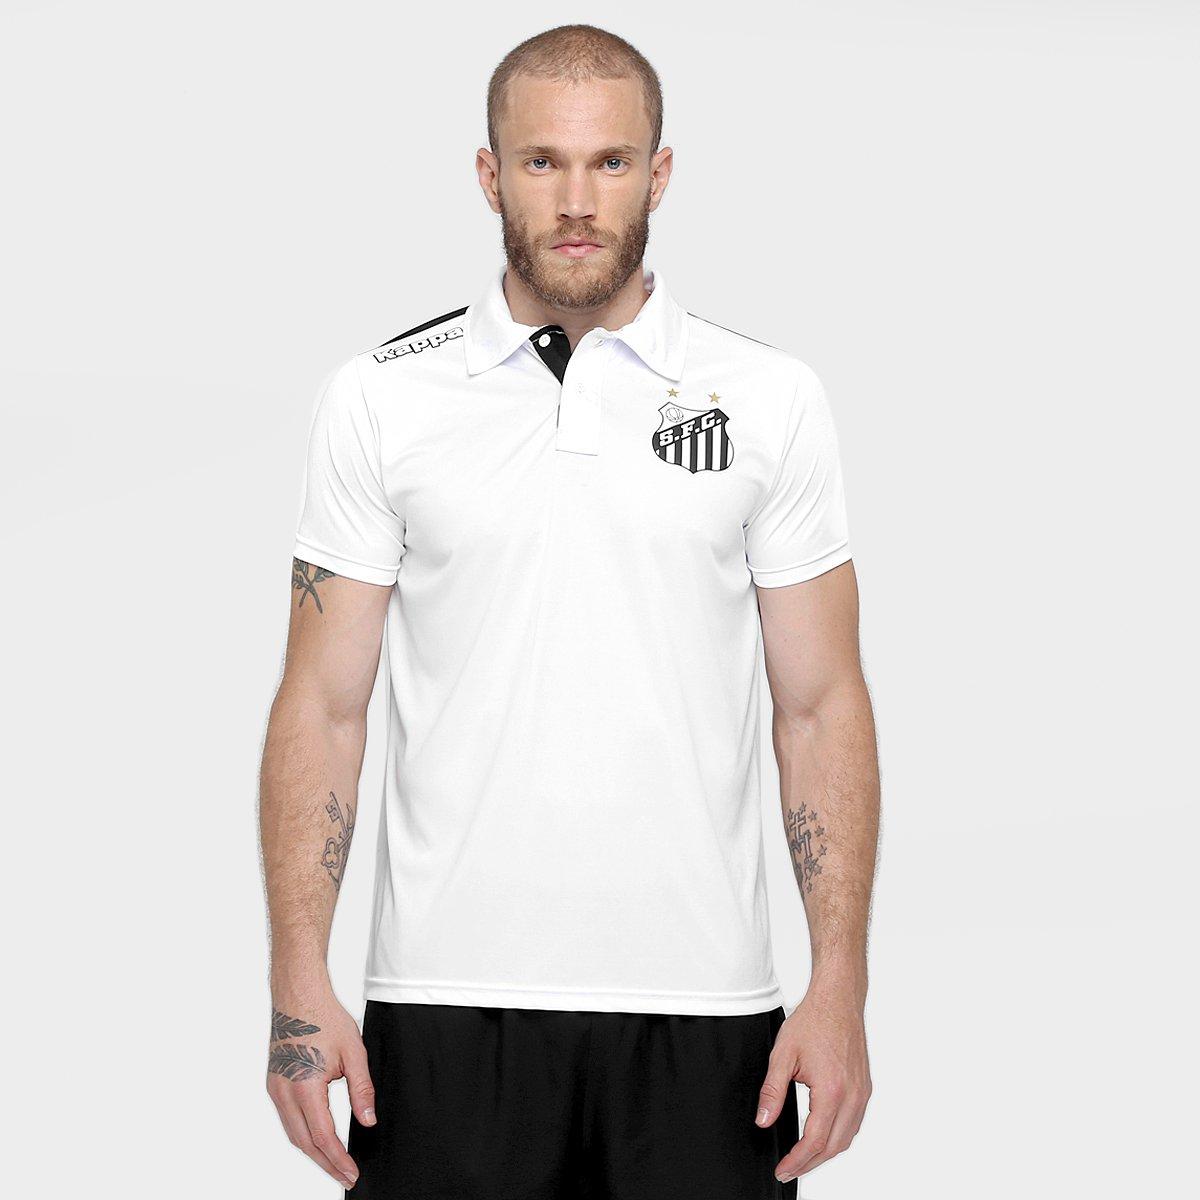 Camisa Polo Santos Kappa Comissão Técnica 2016 Masculina - Compre Agora  44ba6f0af44a4